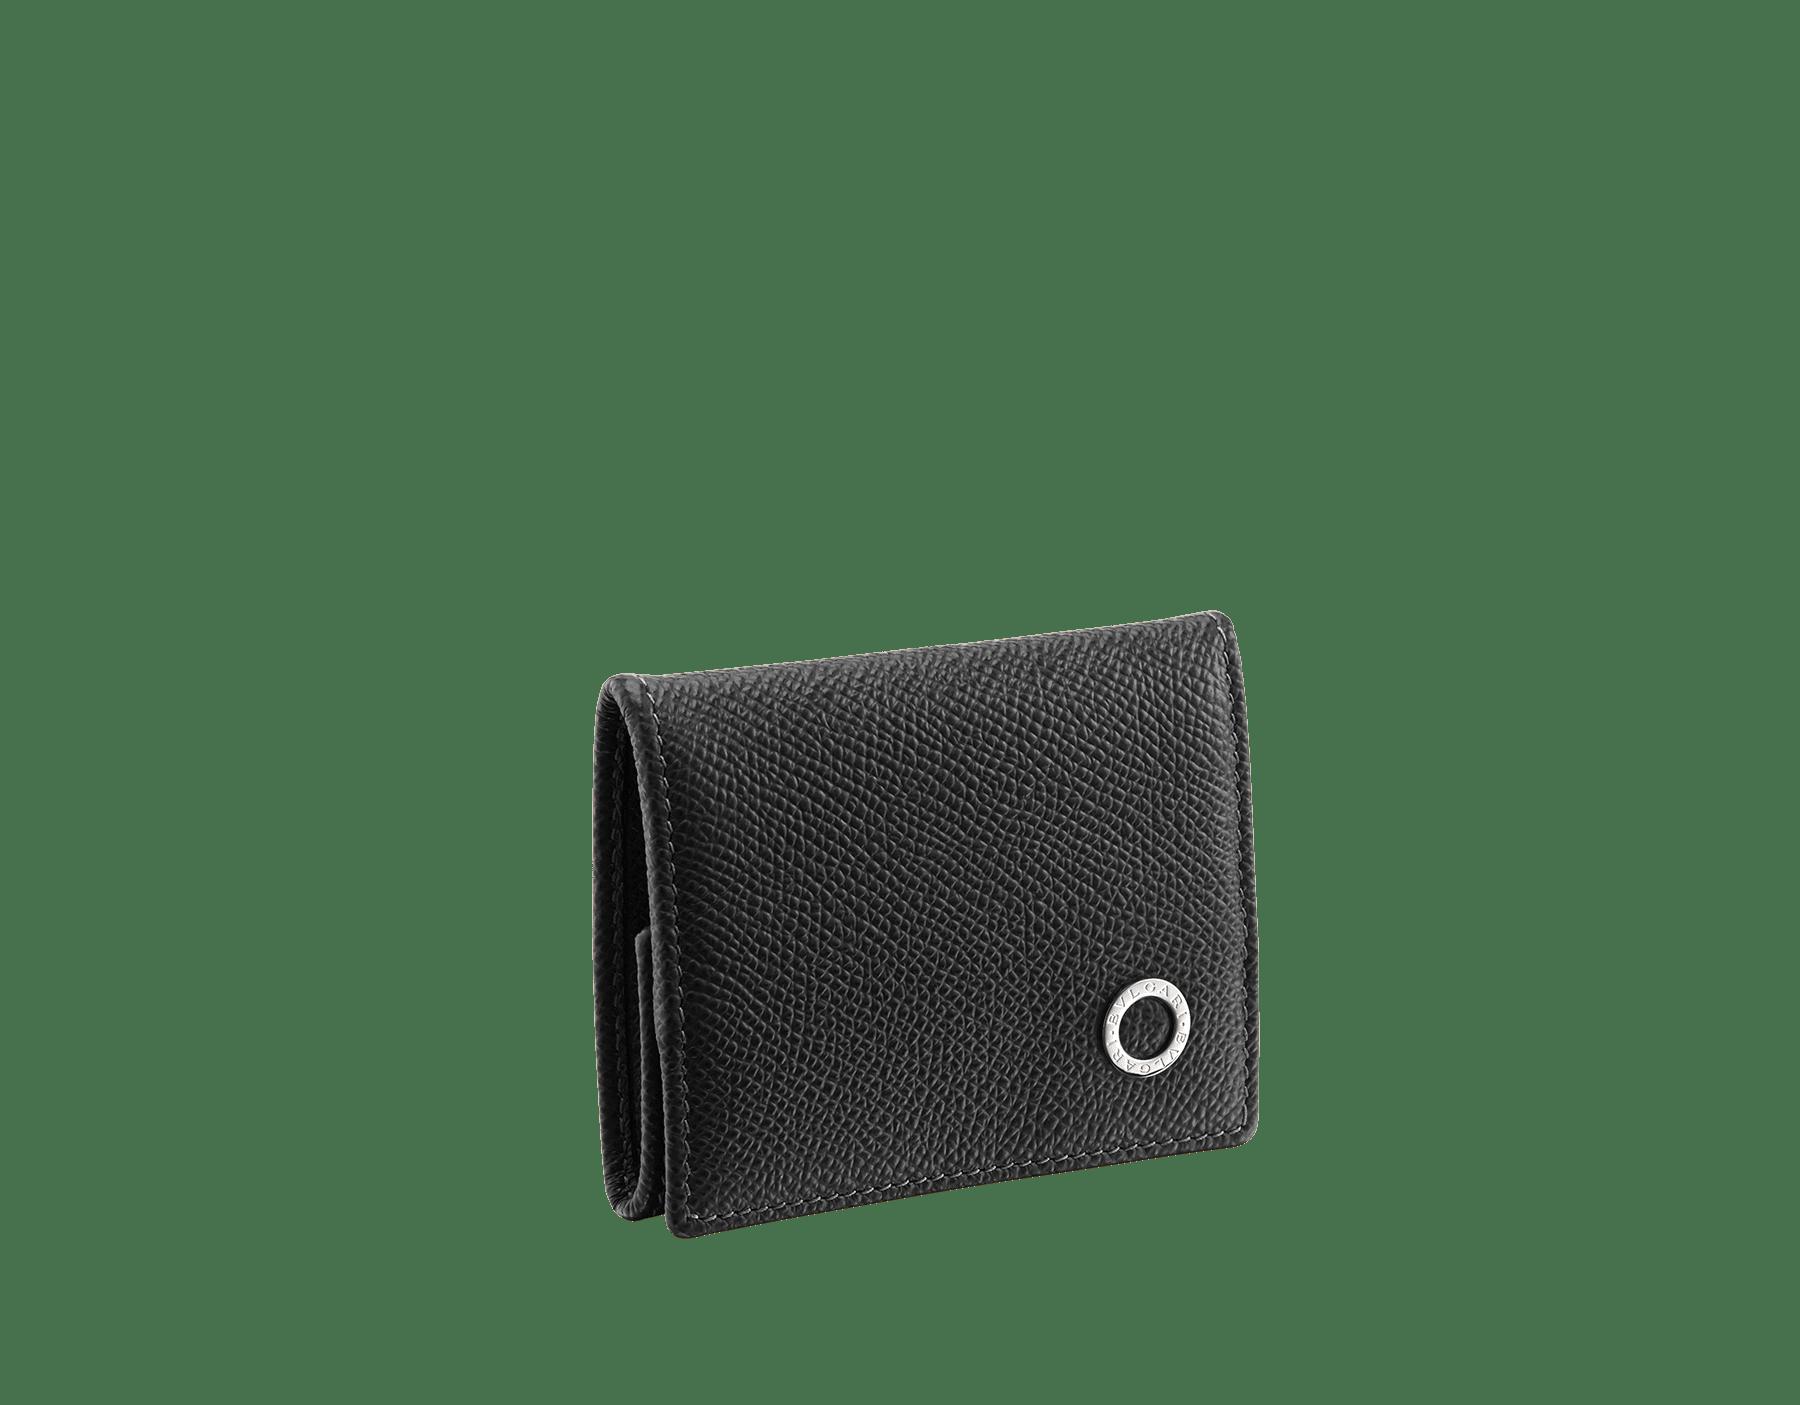 單寧藍珠面小牛皮零錢包,鍍鈀黃銅配飾,飾以 Bvlgari-Bvlgari 元素。 BBM-WLT-COIN image 1